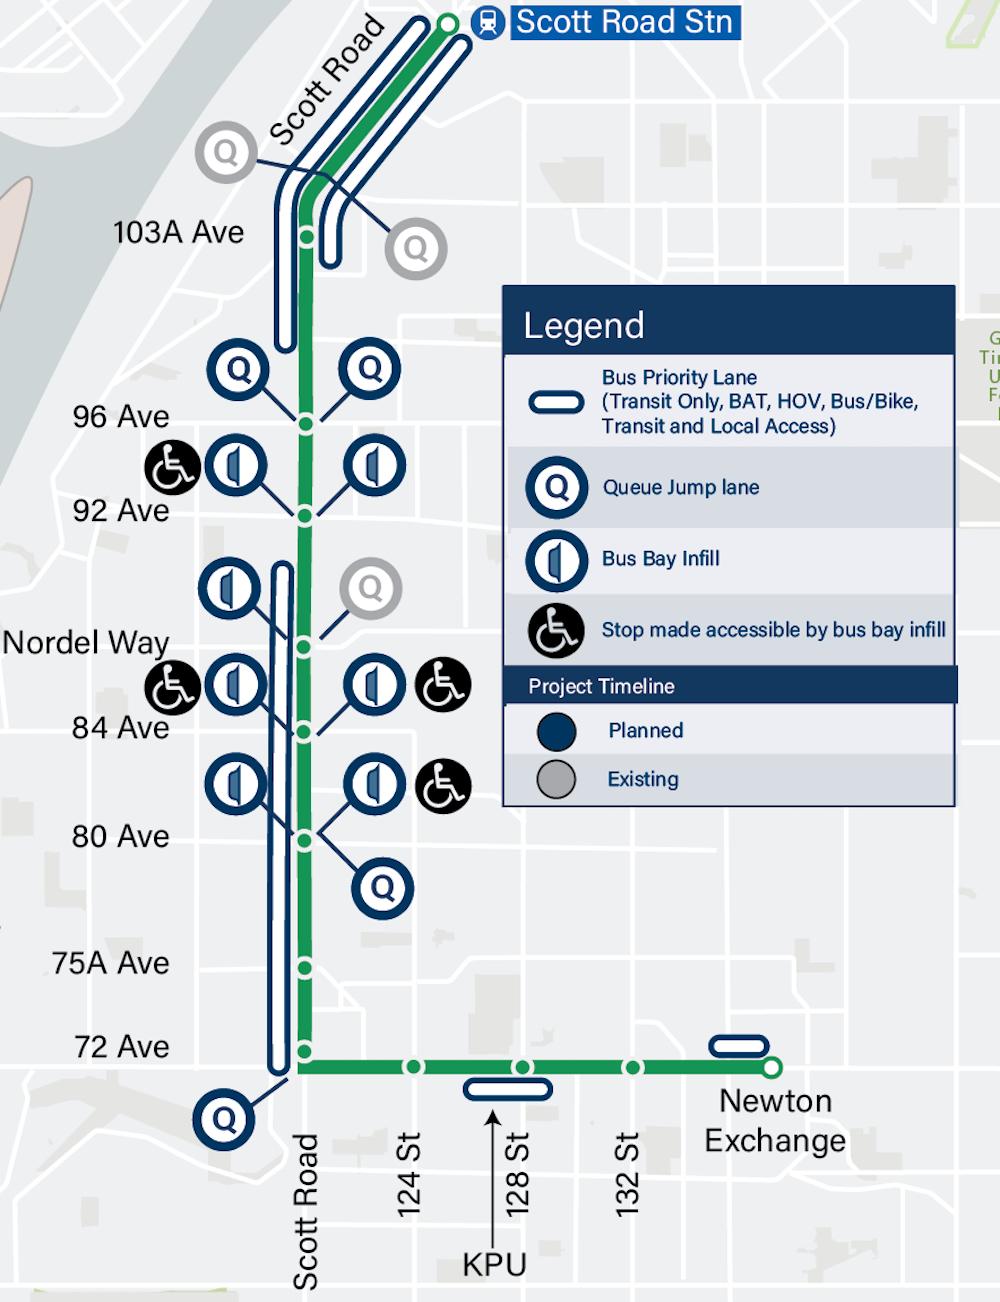 r6 scott road rapidbus route map street changes